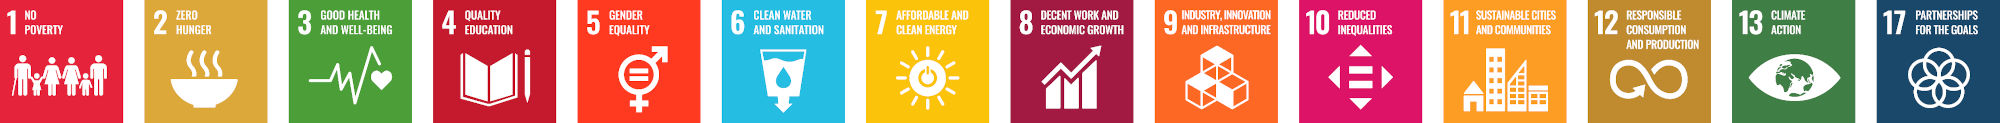 BRAVEAURORA Sustainable Development Goals